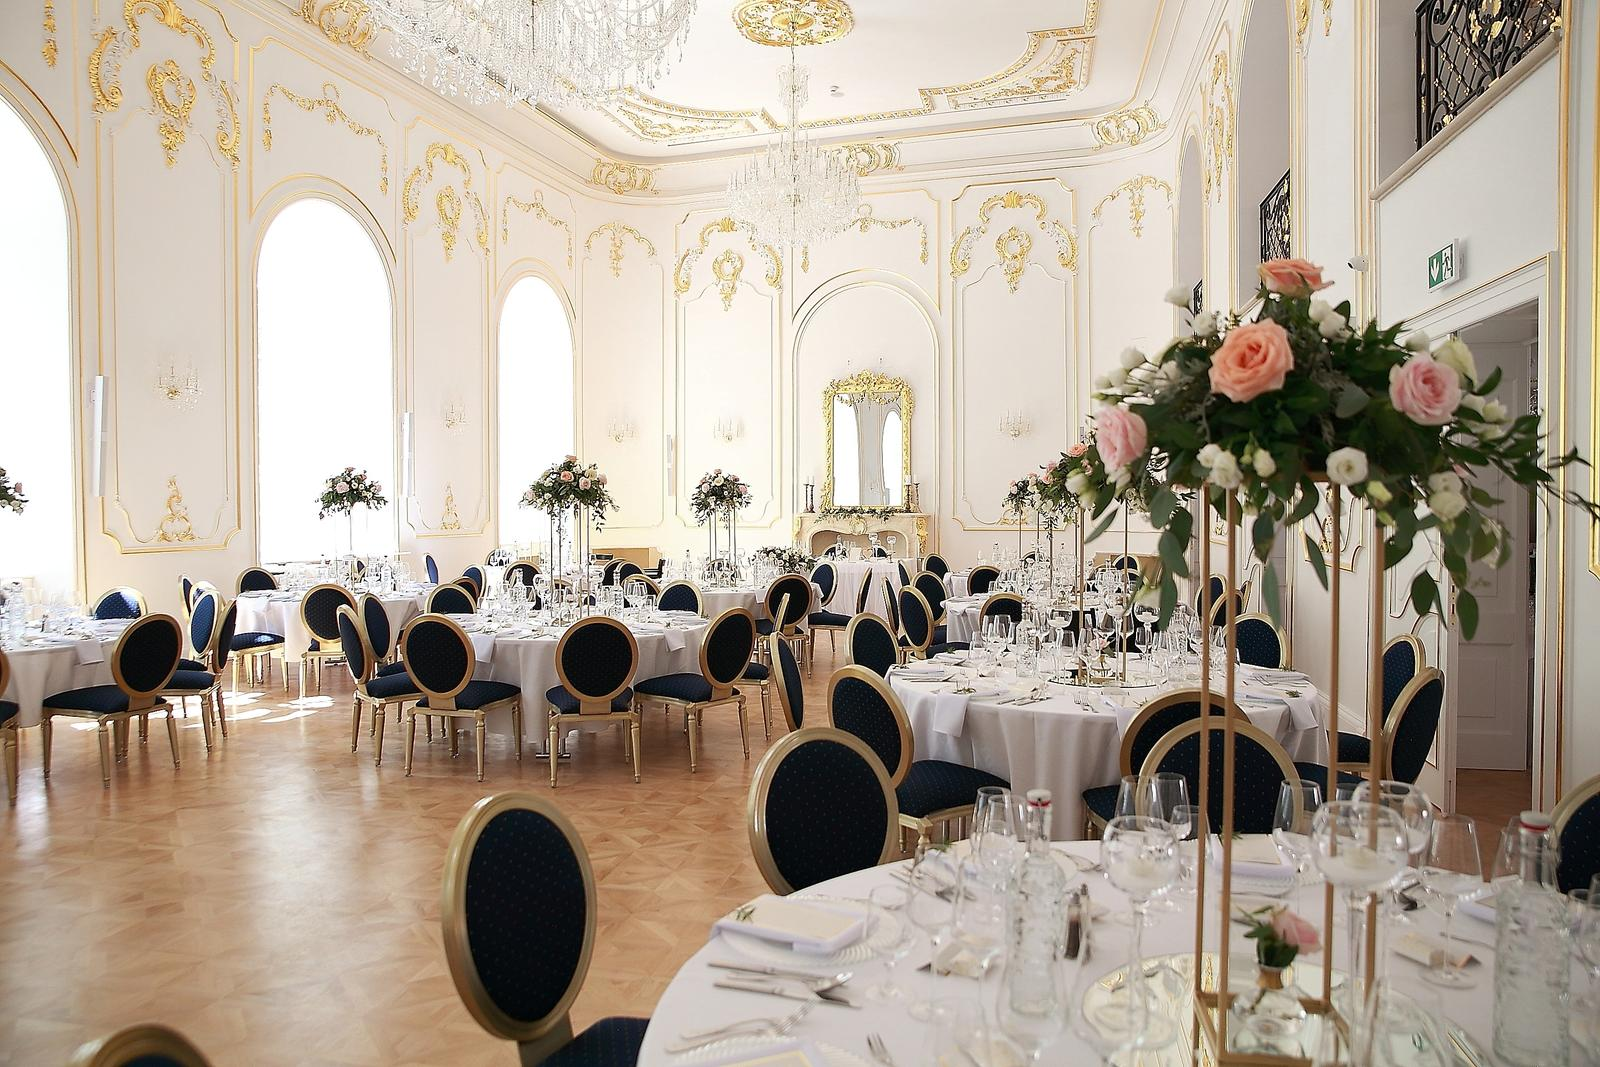 Svadobné dekorácie - požičovňa svadobných dekor. - Obrázok č. 14